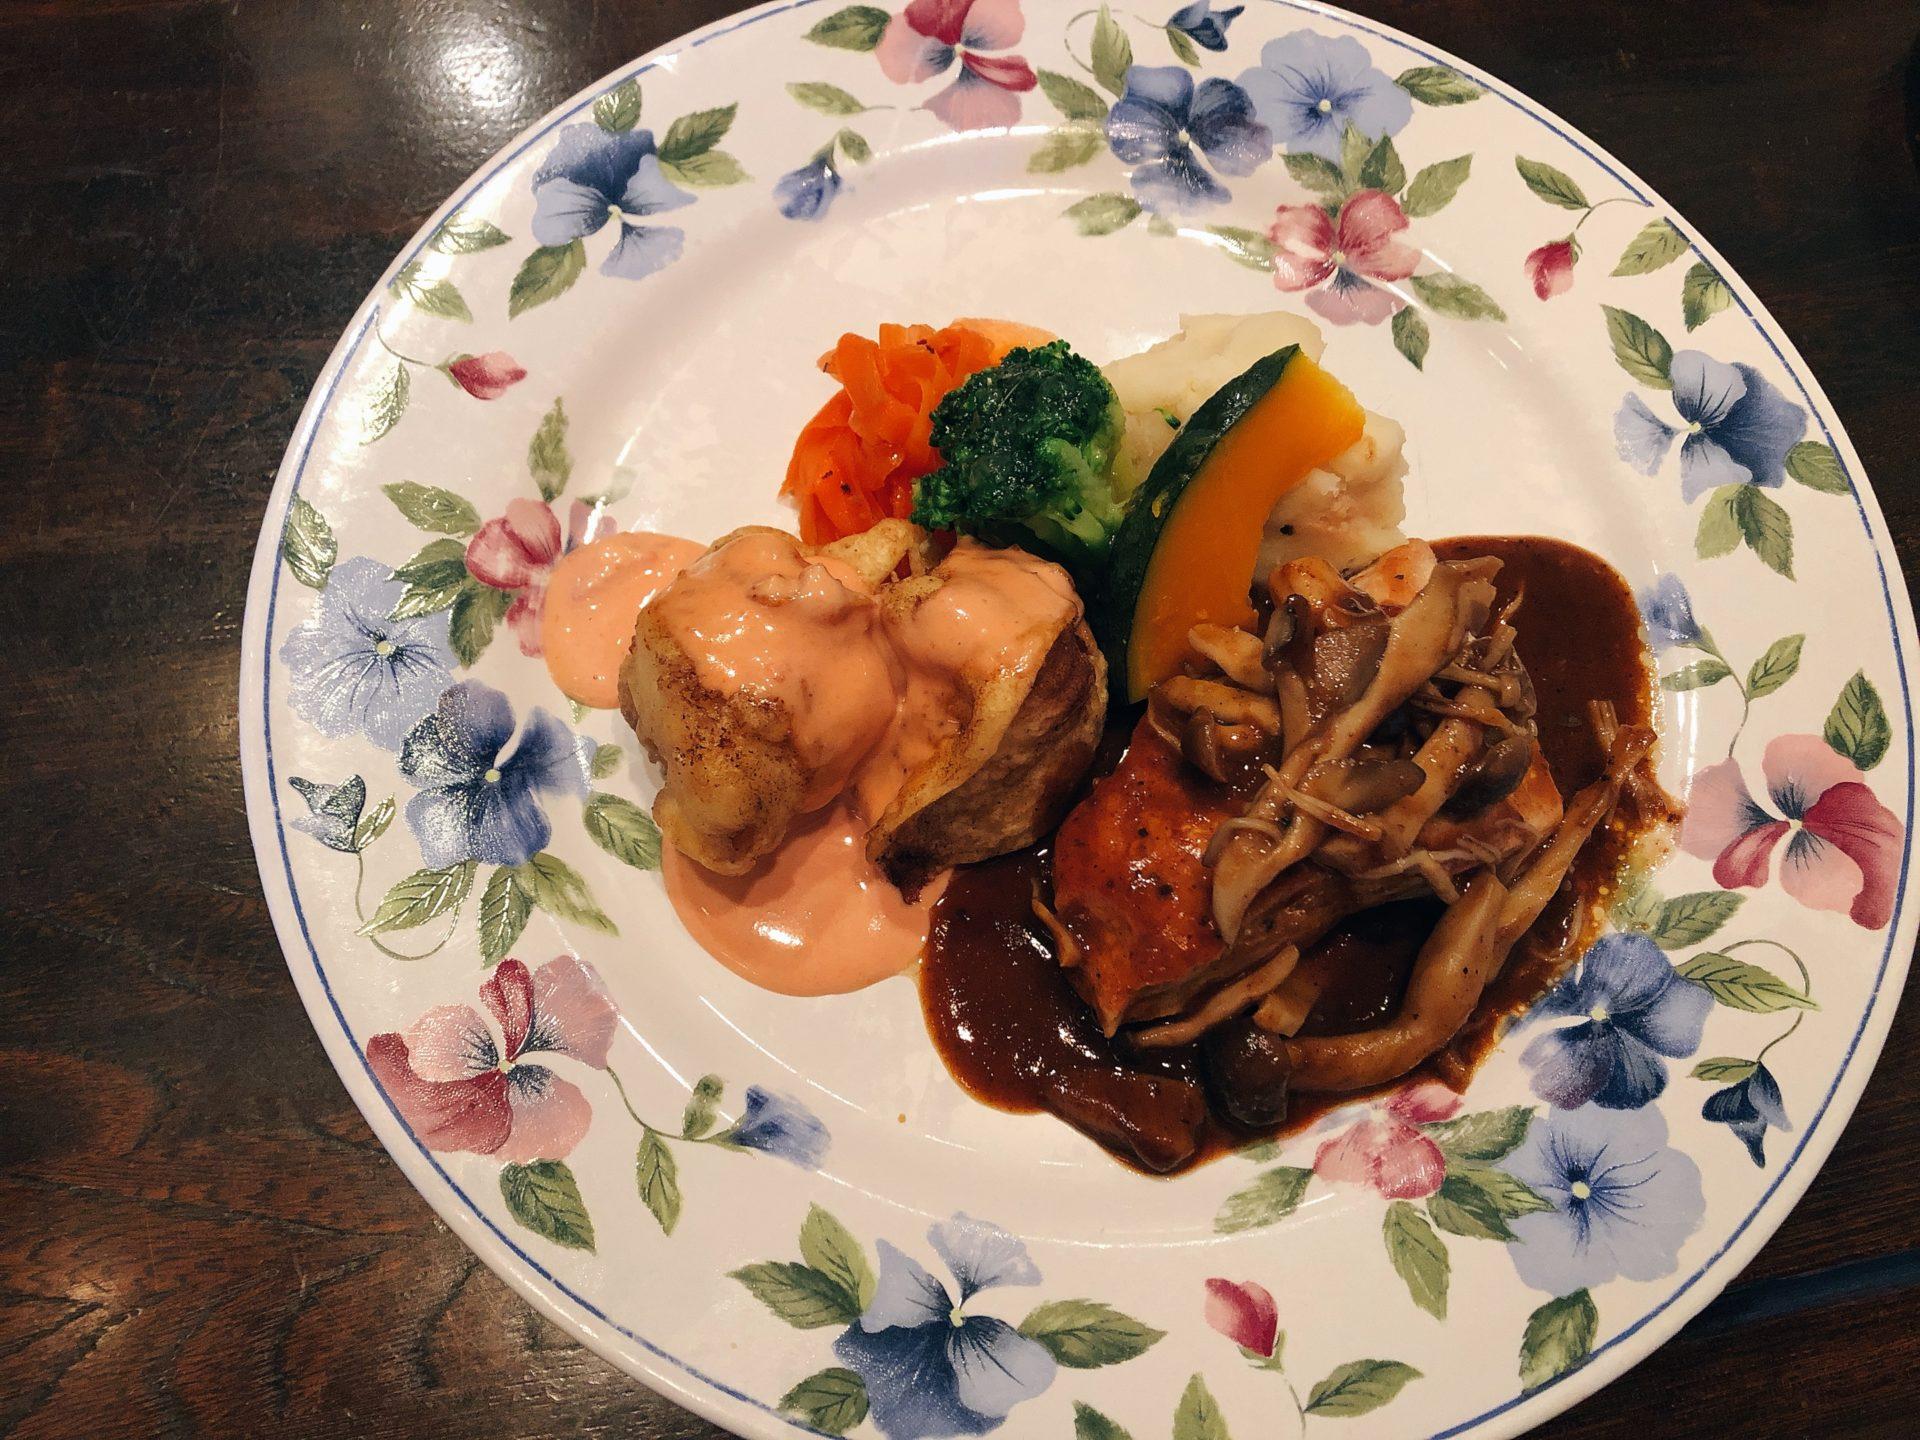 YSタウン円山1F カフェレストラン アンジュールは本格的な洋食の店で、人気の魚も肉も入ったよくばりランチを堪能する!